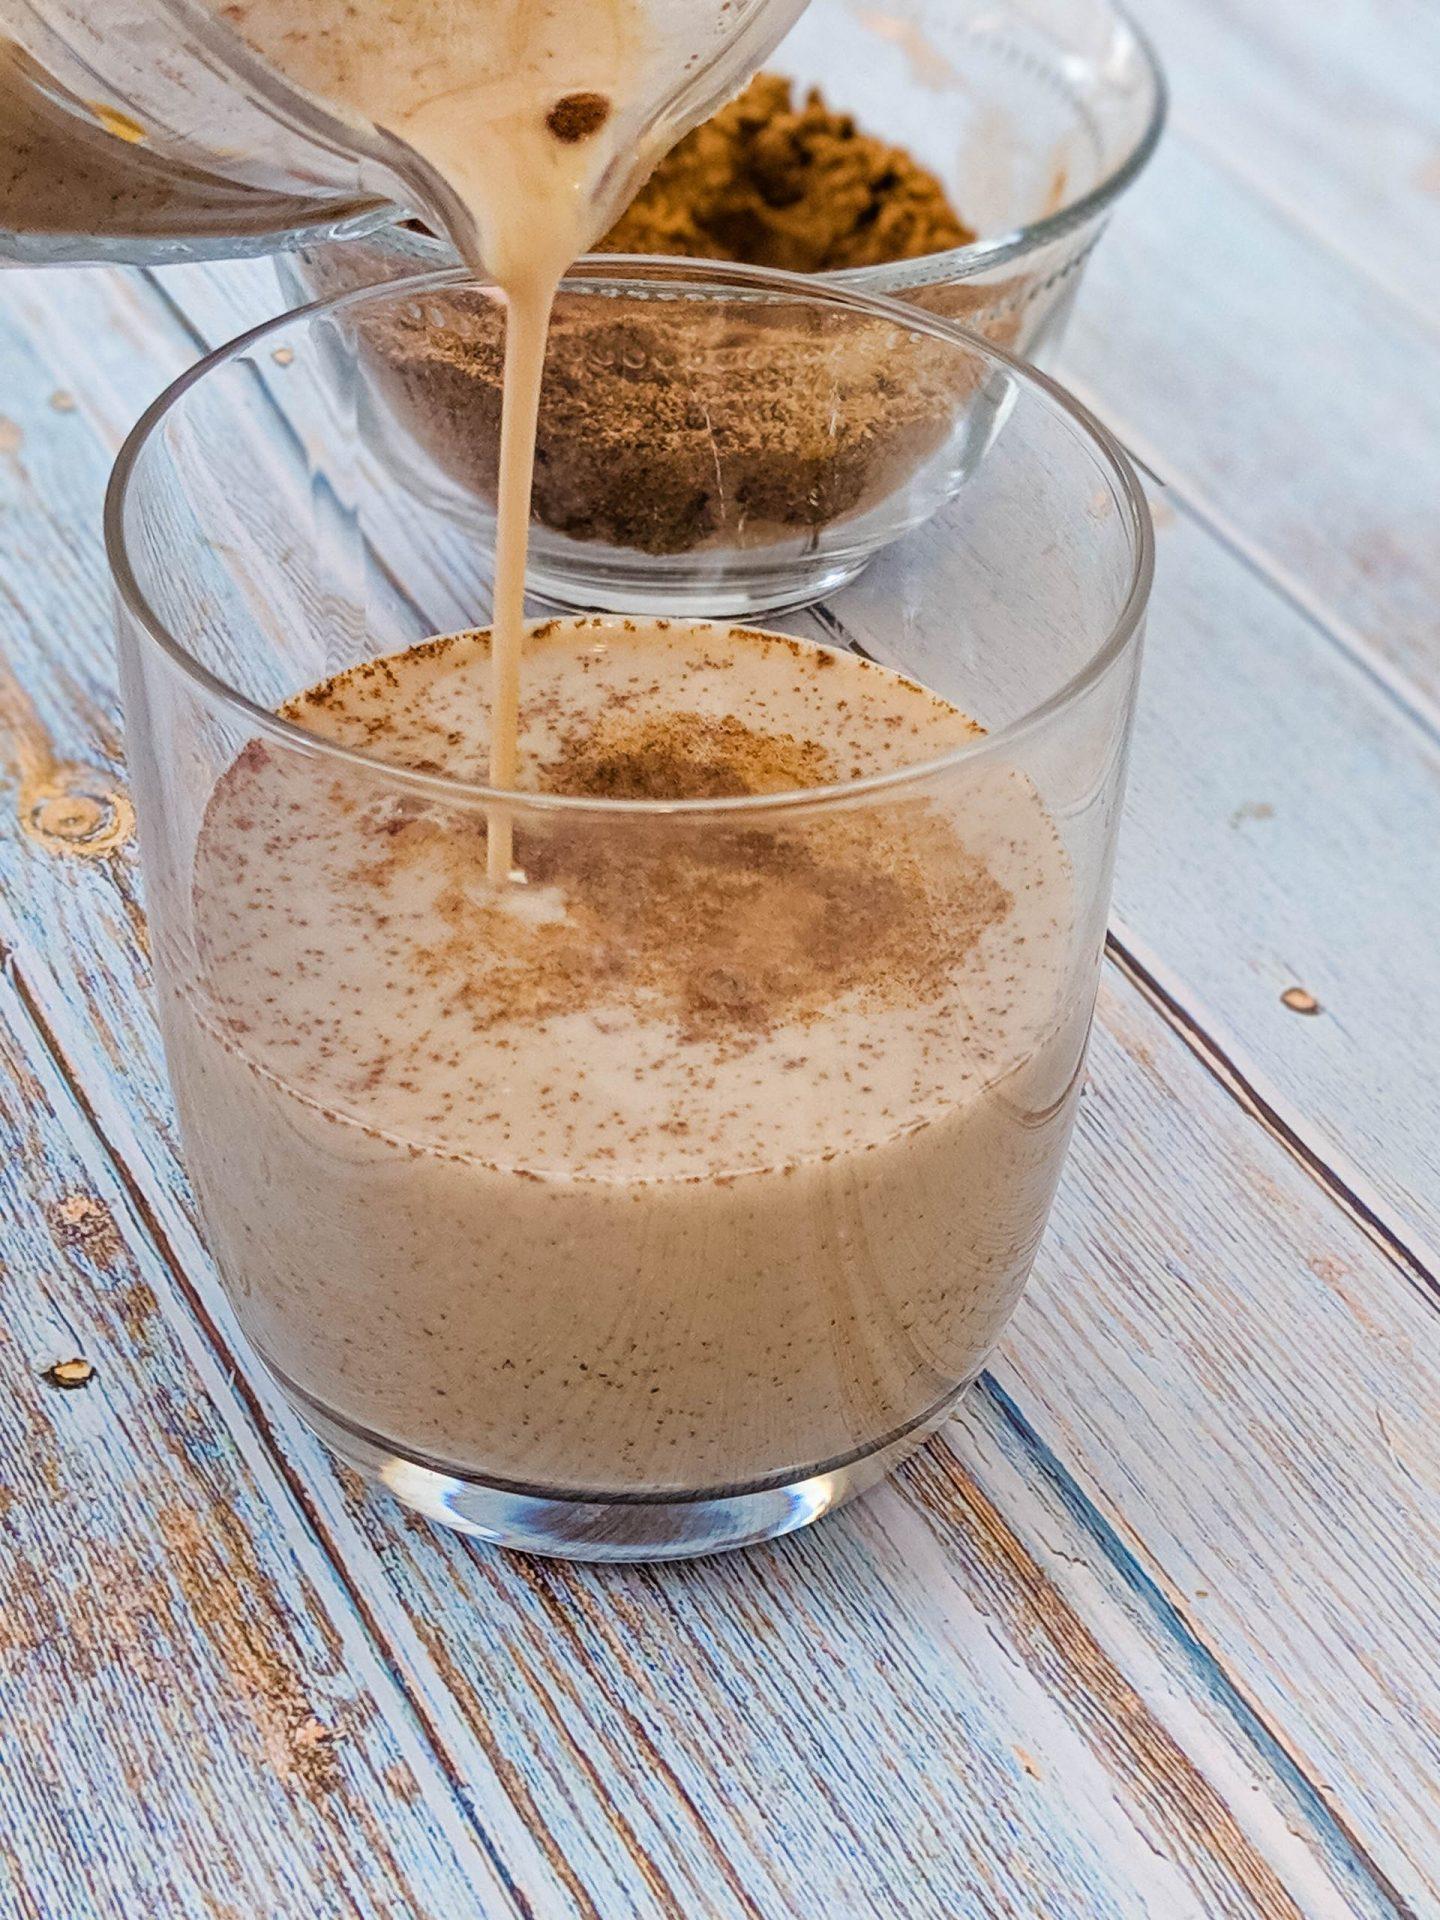 pour latte into cup